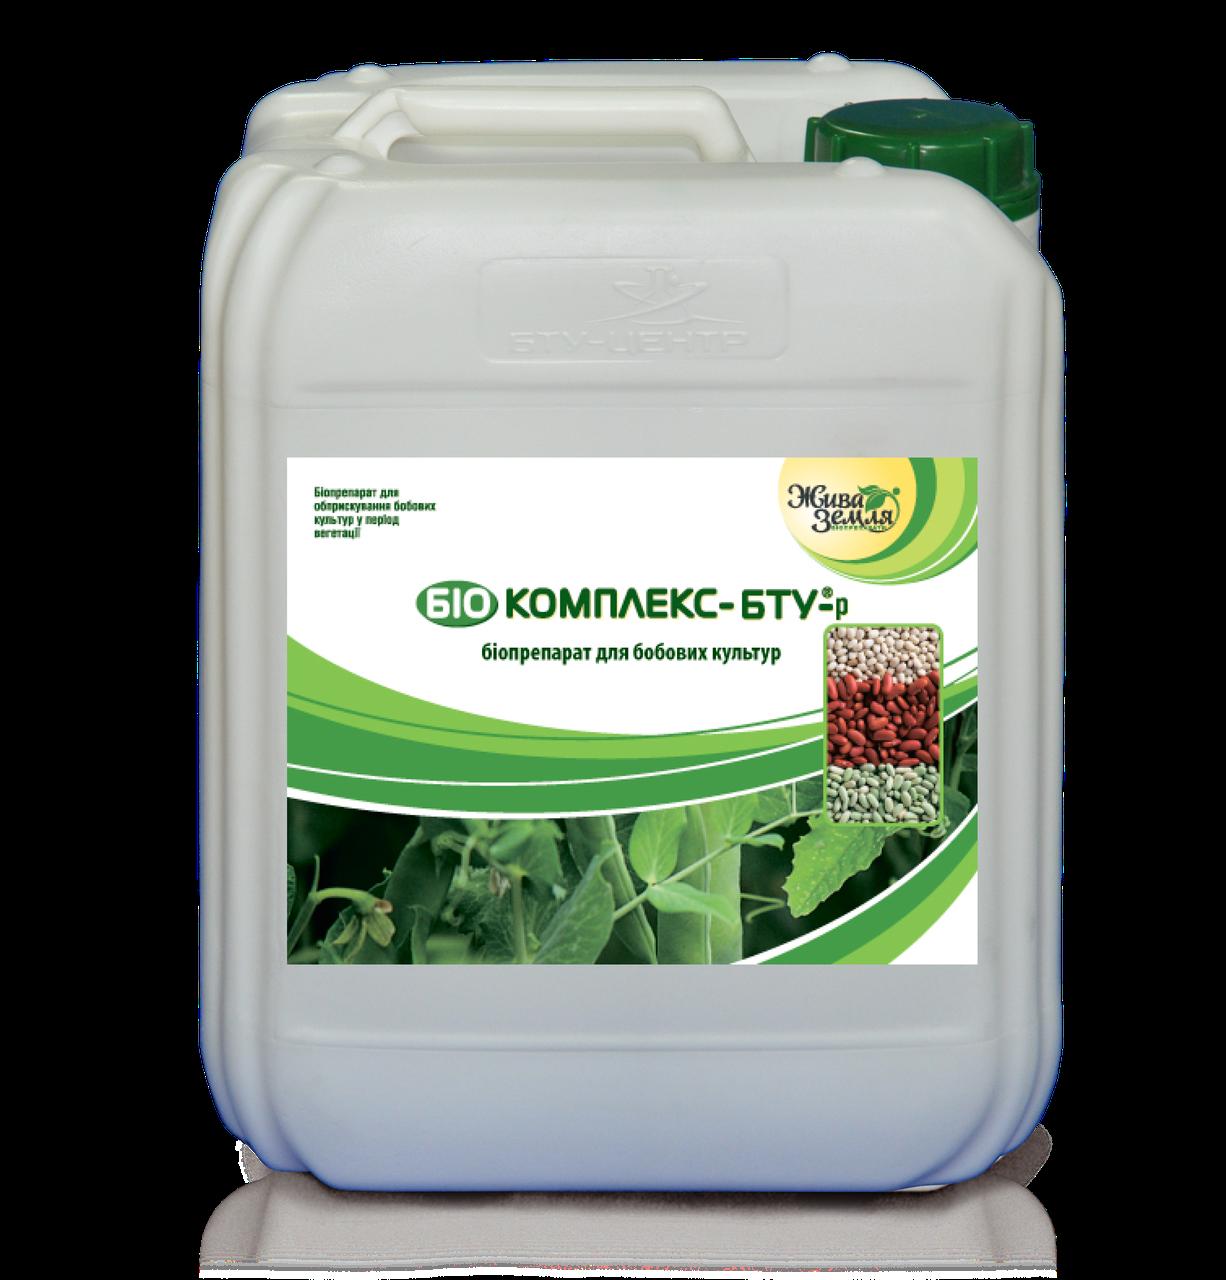 Биокомплекс-БТУ® для компостирования (деструктор), 5 л